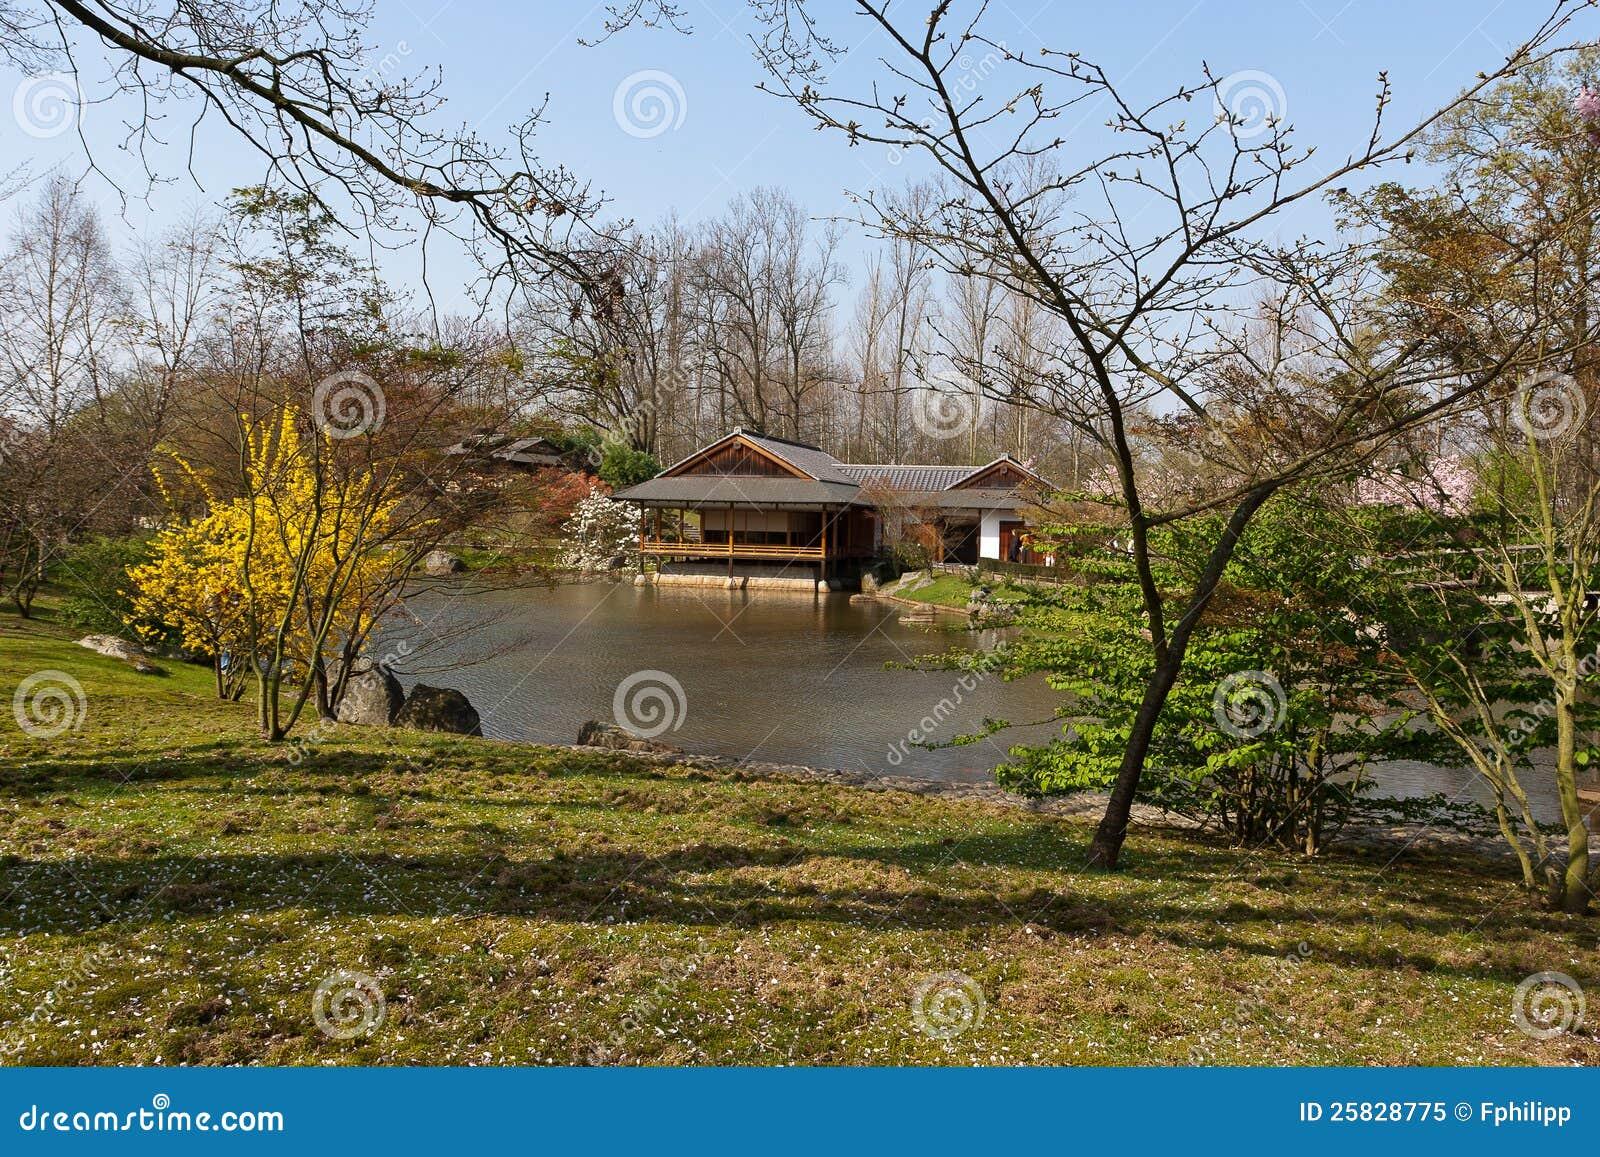 Jardin japonais hasselt belgique image stock image du for Jardin japonais hasselt 2016